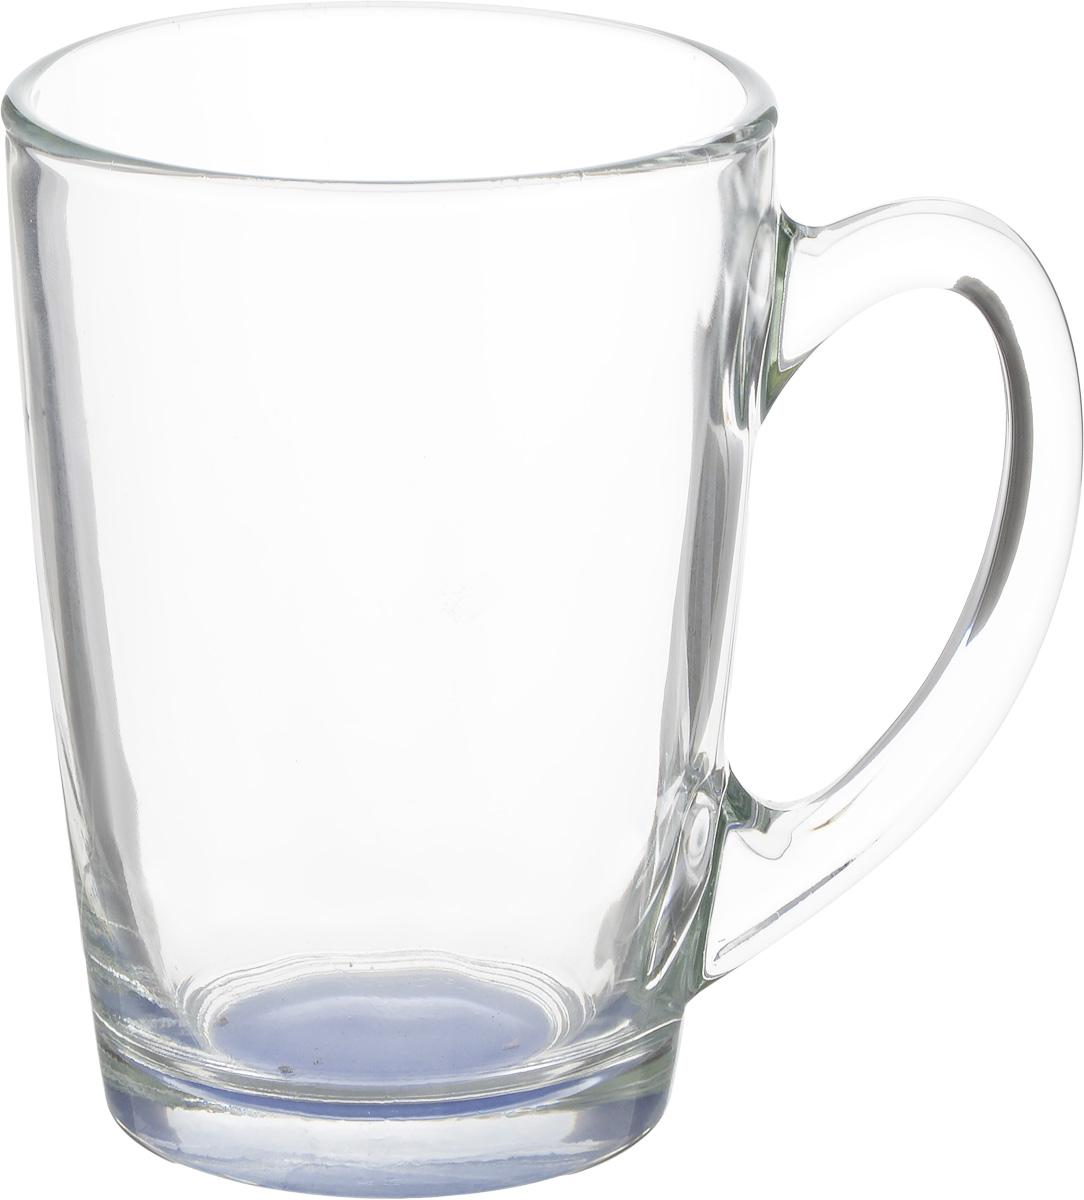 Кружка Luminarc Morning Rainbow, 320 мл68/5/4Кружка Luminarc Morning Rainbow изготовлена из упрочненного стекла. Такая кружка прекрасно подойдет для горячих и холодных напитков. Она дополнит коллекцию вашей кухонной посуды и будет служить долгие годы. Диаметр кружки (по верхнему краю): 8 см. Высота стенки кружки: 11 см.Бренд Luminarc – это один из лидеров мирового рынка по производству посуды и товаров для дома. В основе процесса изготовления лежит высококачественное сырье, а также строгий контроль качества.